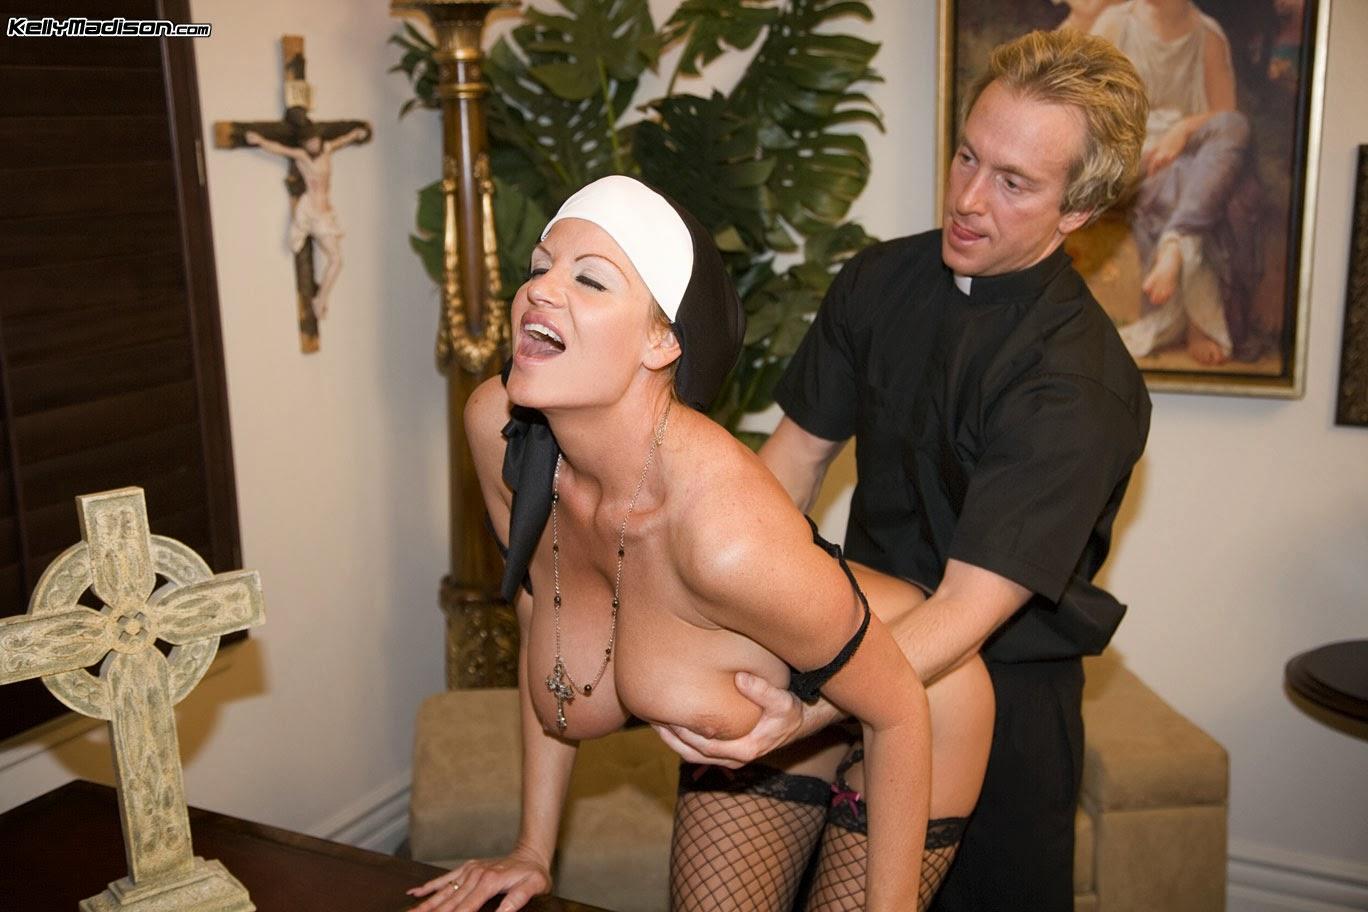 Секс фильмы изврашонное жина свяшенника спереводом